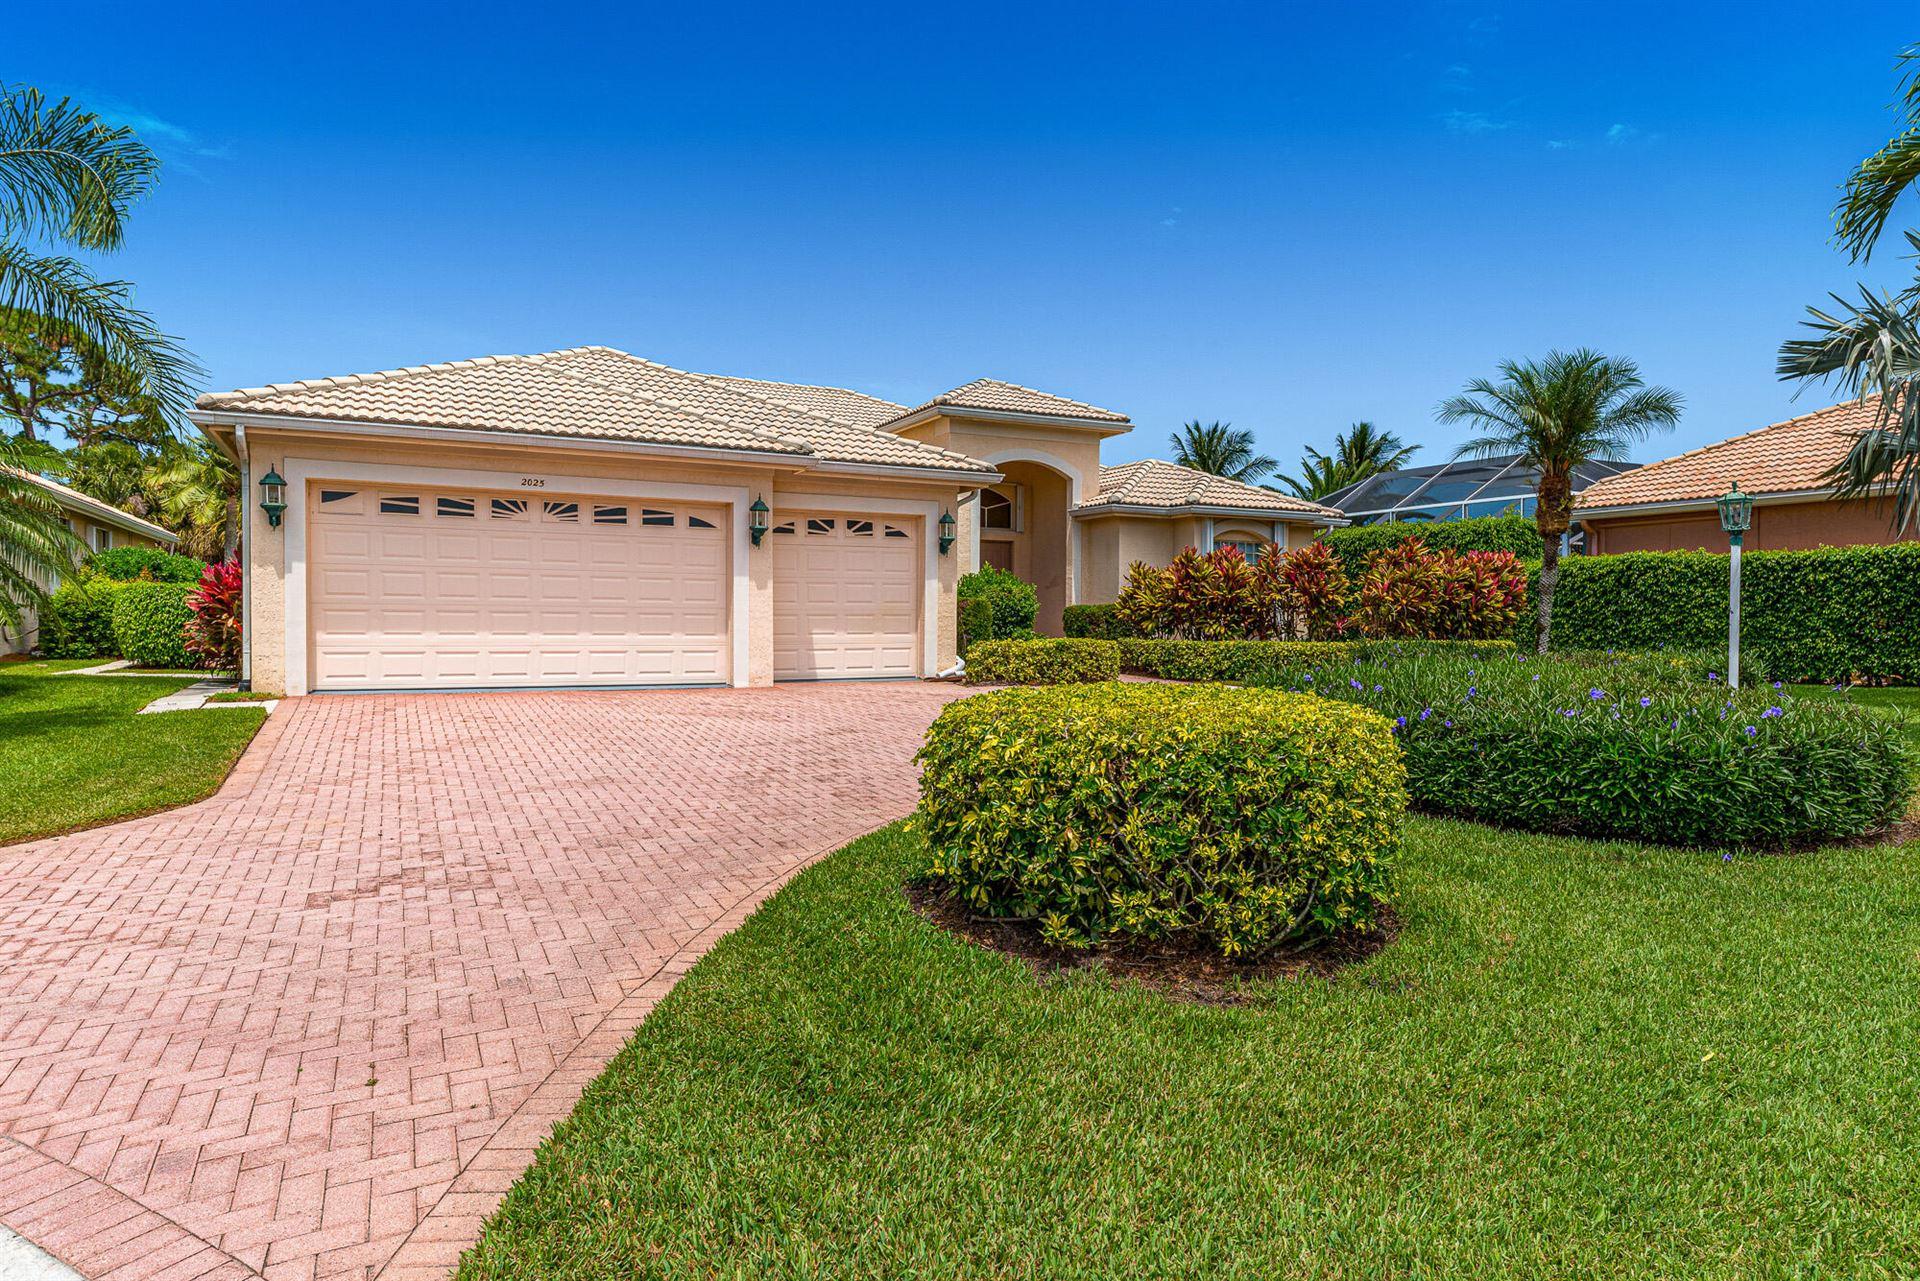 2025 SE Oxton Drive, Port Saint Lucie, FL 34952 - #: RX-10721117